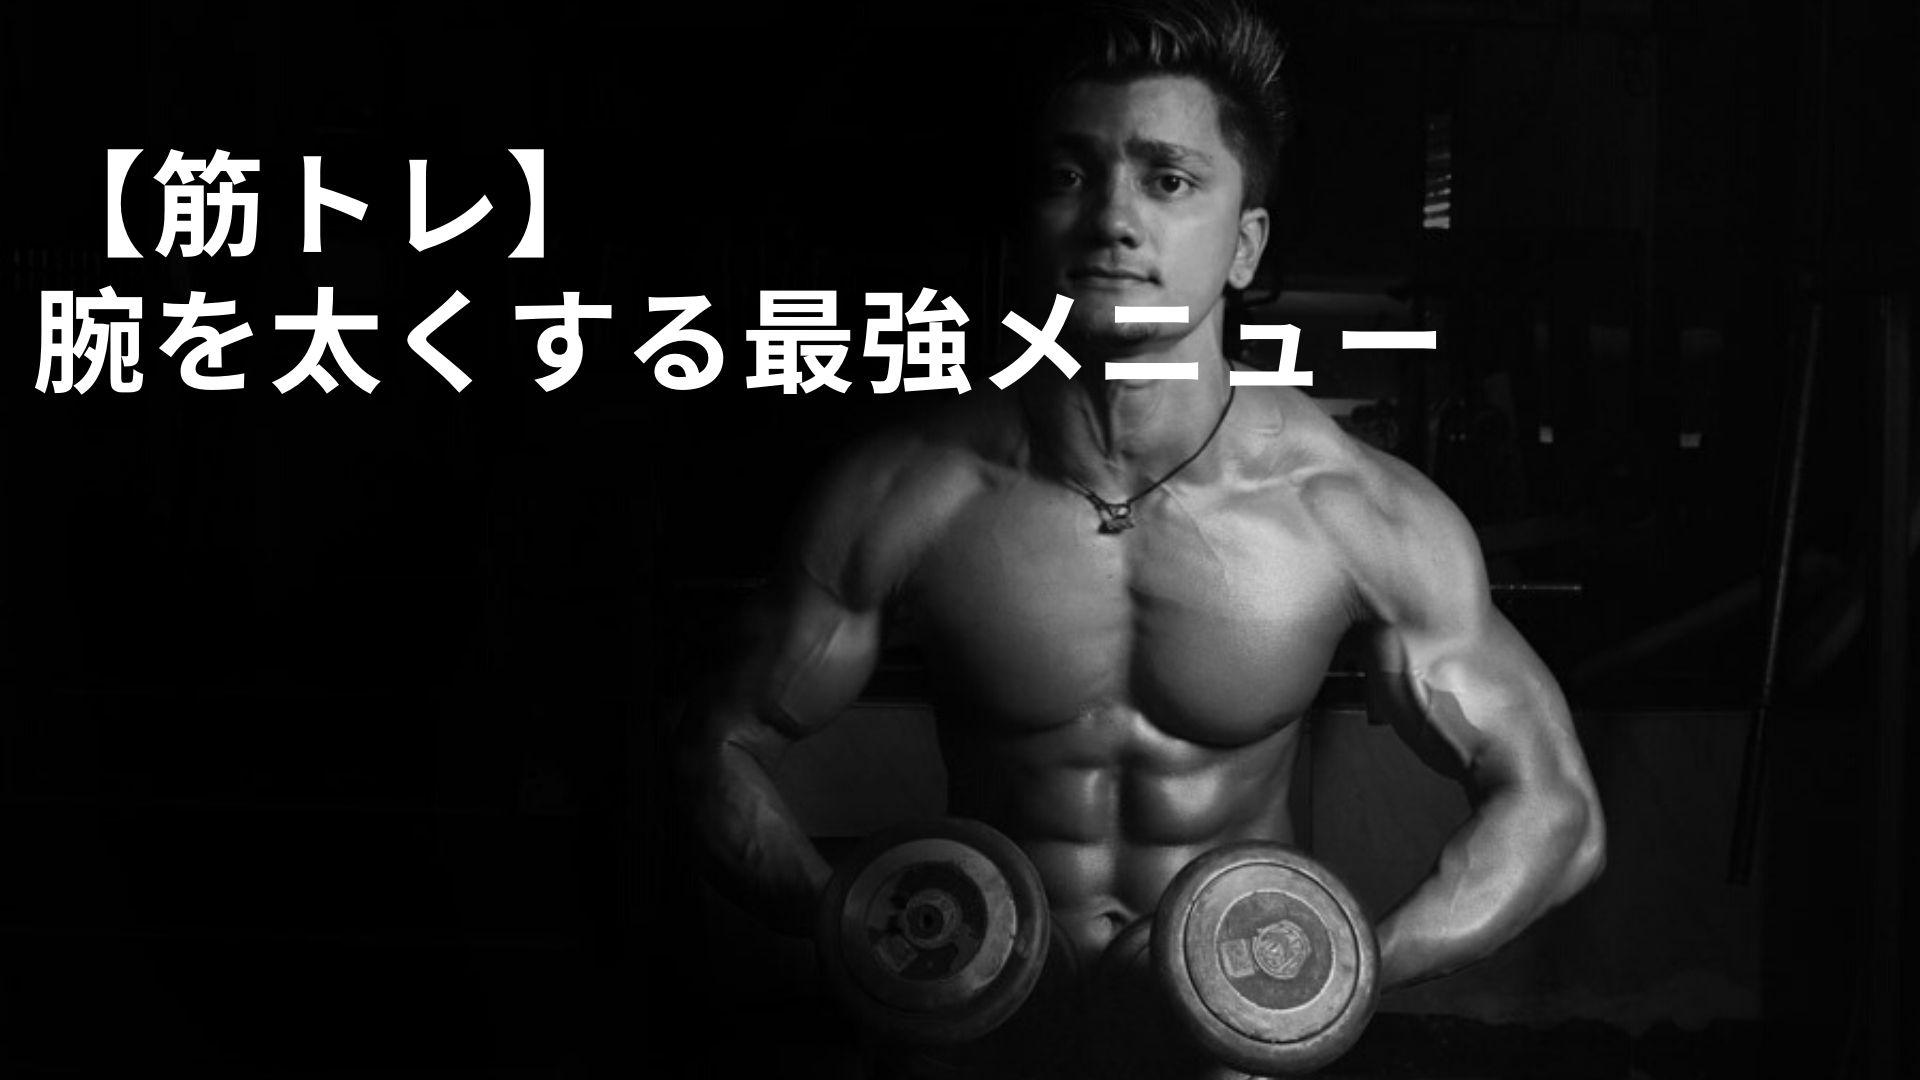 【筋トレ】腕を太くする最強メニュー